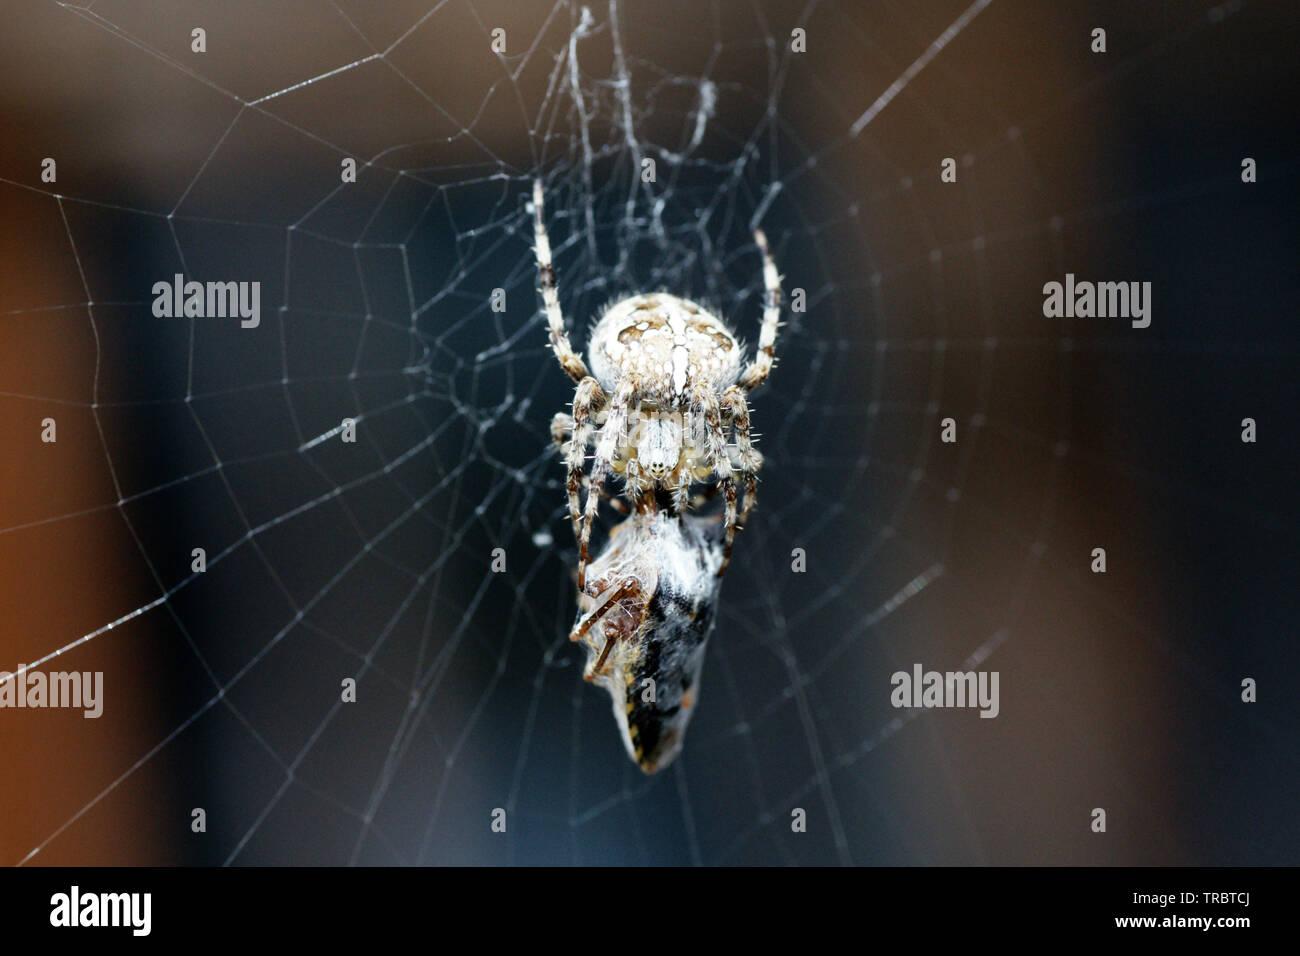 Kreuzspinne mit eingesponnener Wanze im Netz Stockfoto